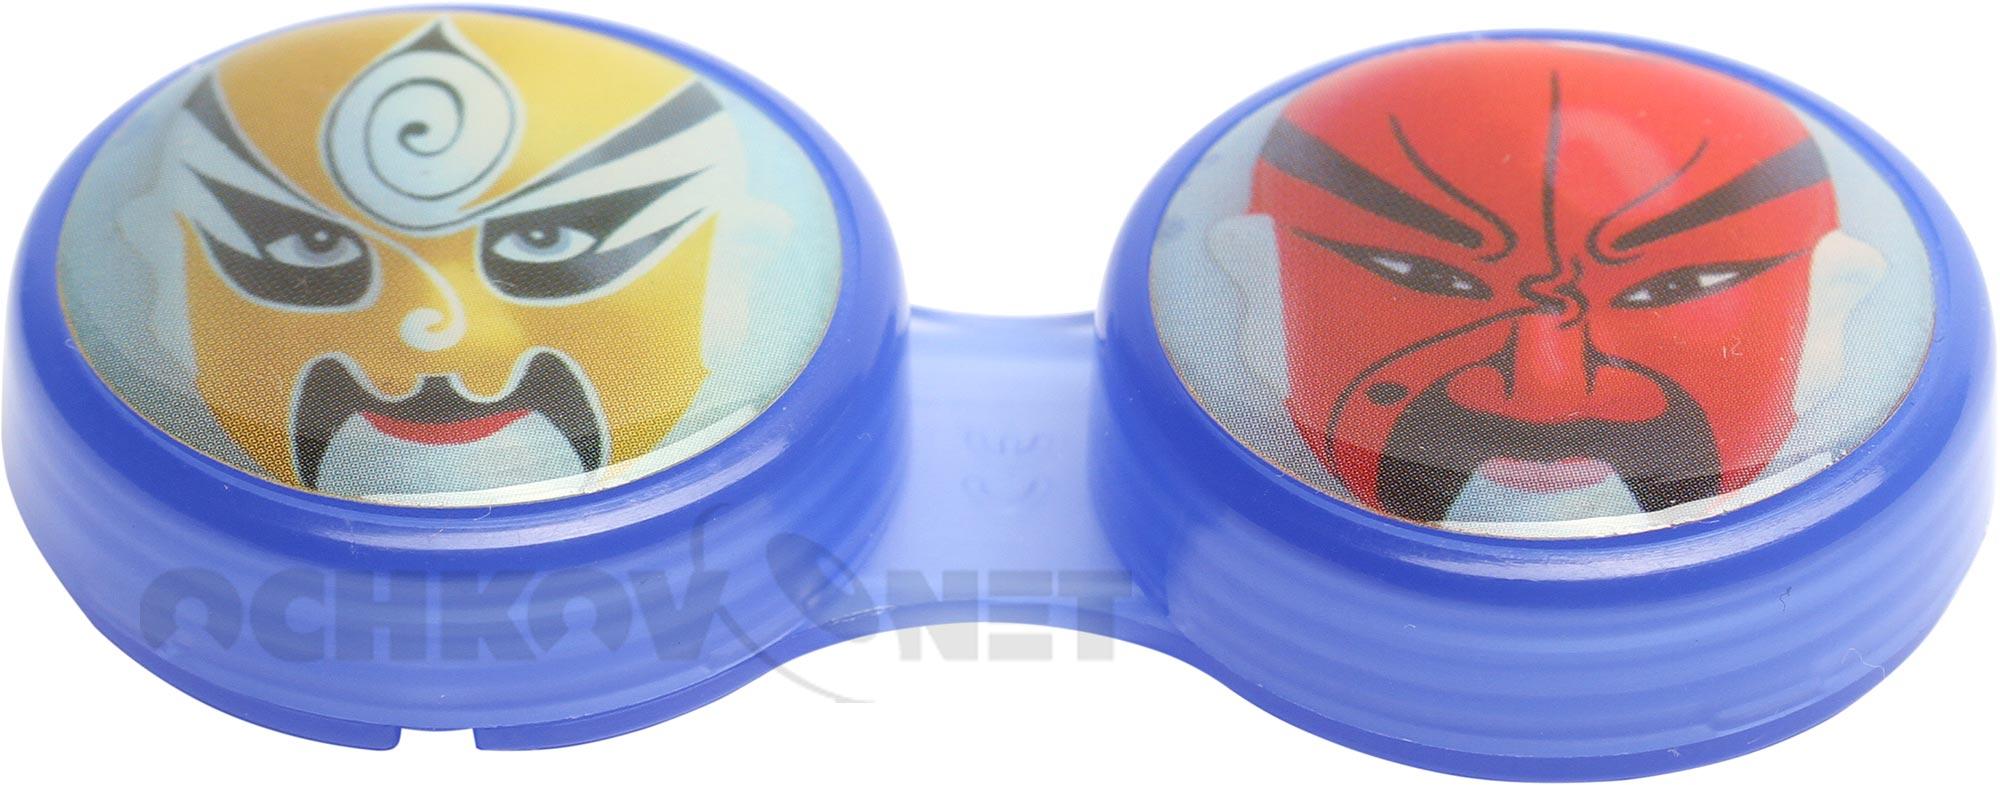 Контейнер SC-212 picture cap №3 маски